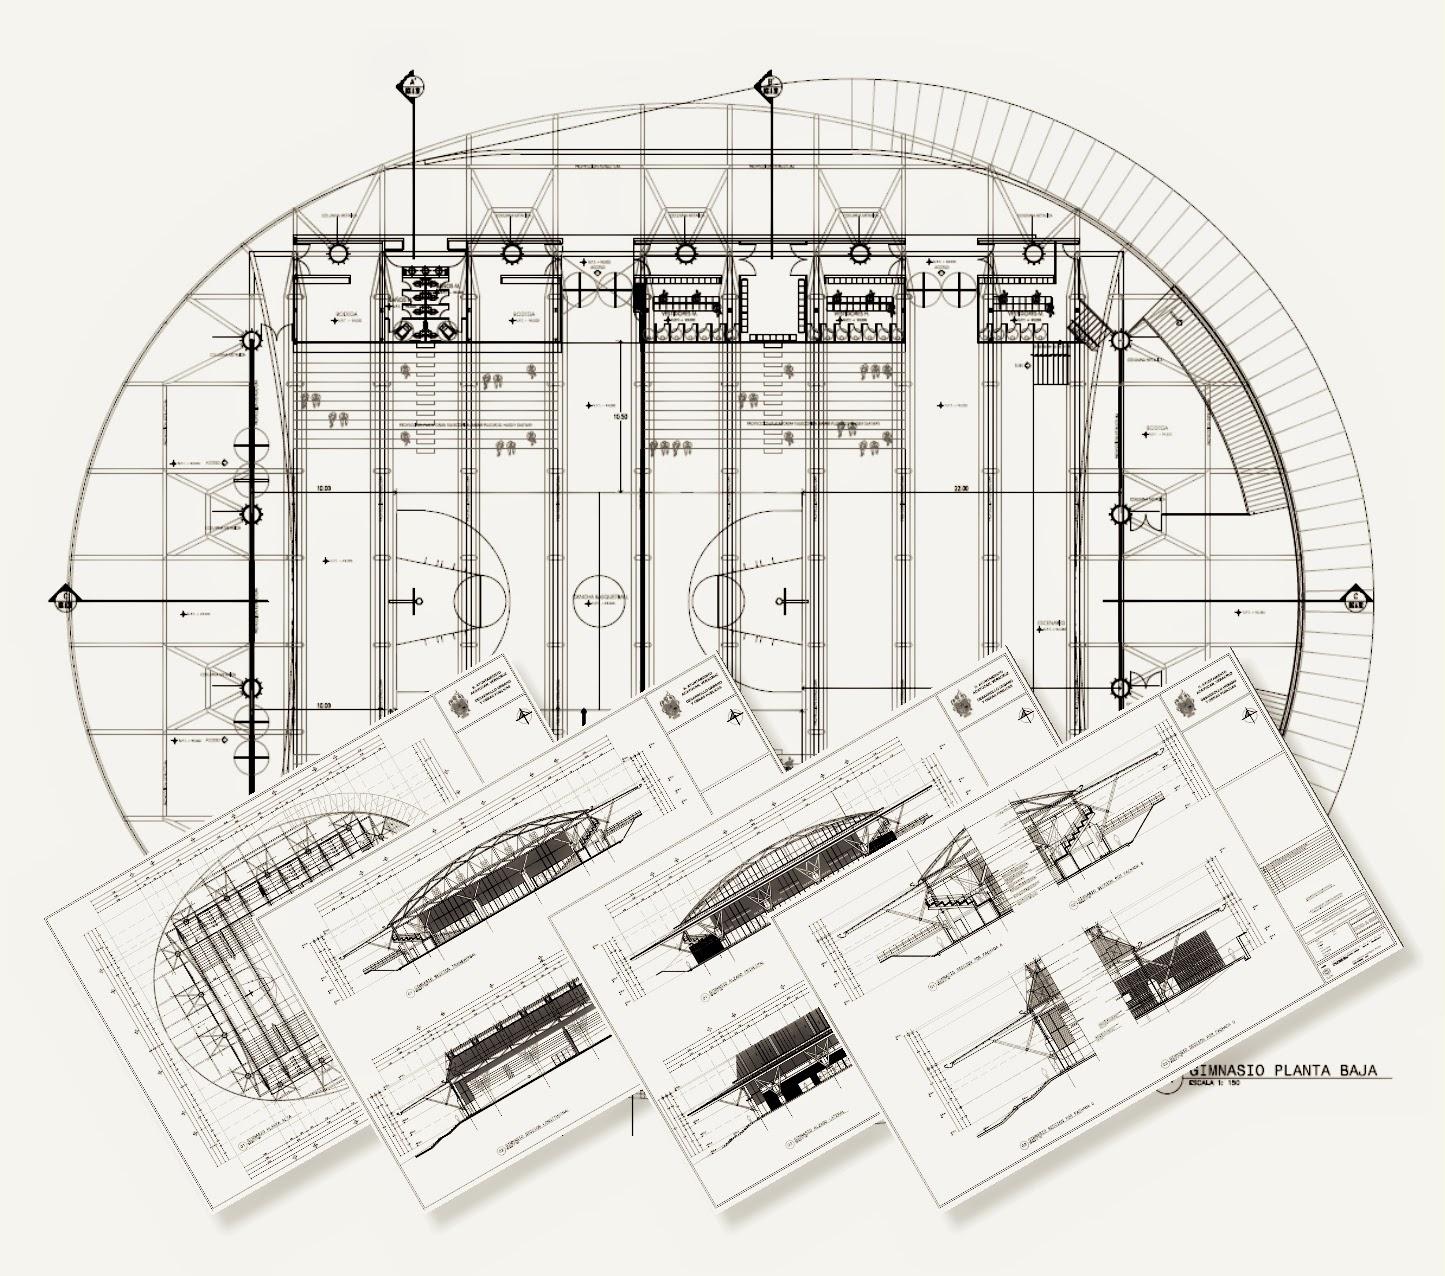 Proyecto arquitect nico de unidad deportiva y sal n de for Salon de usos multiples programa arquitectonico